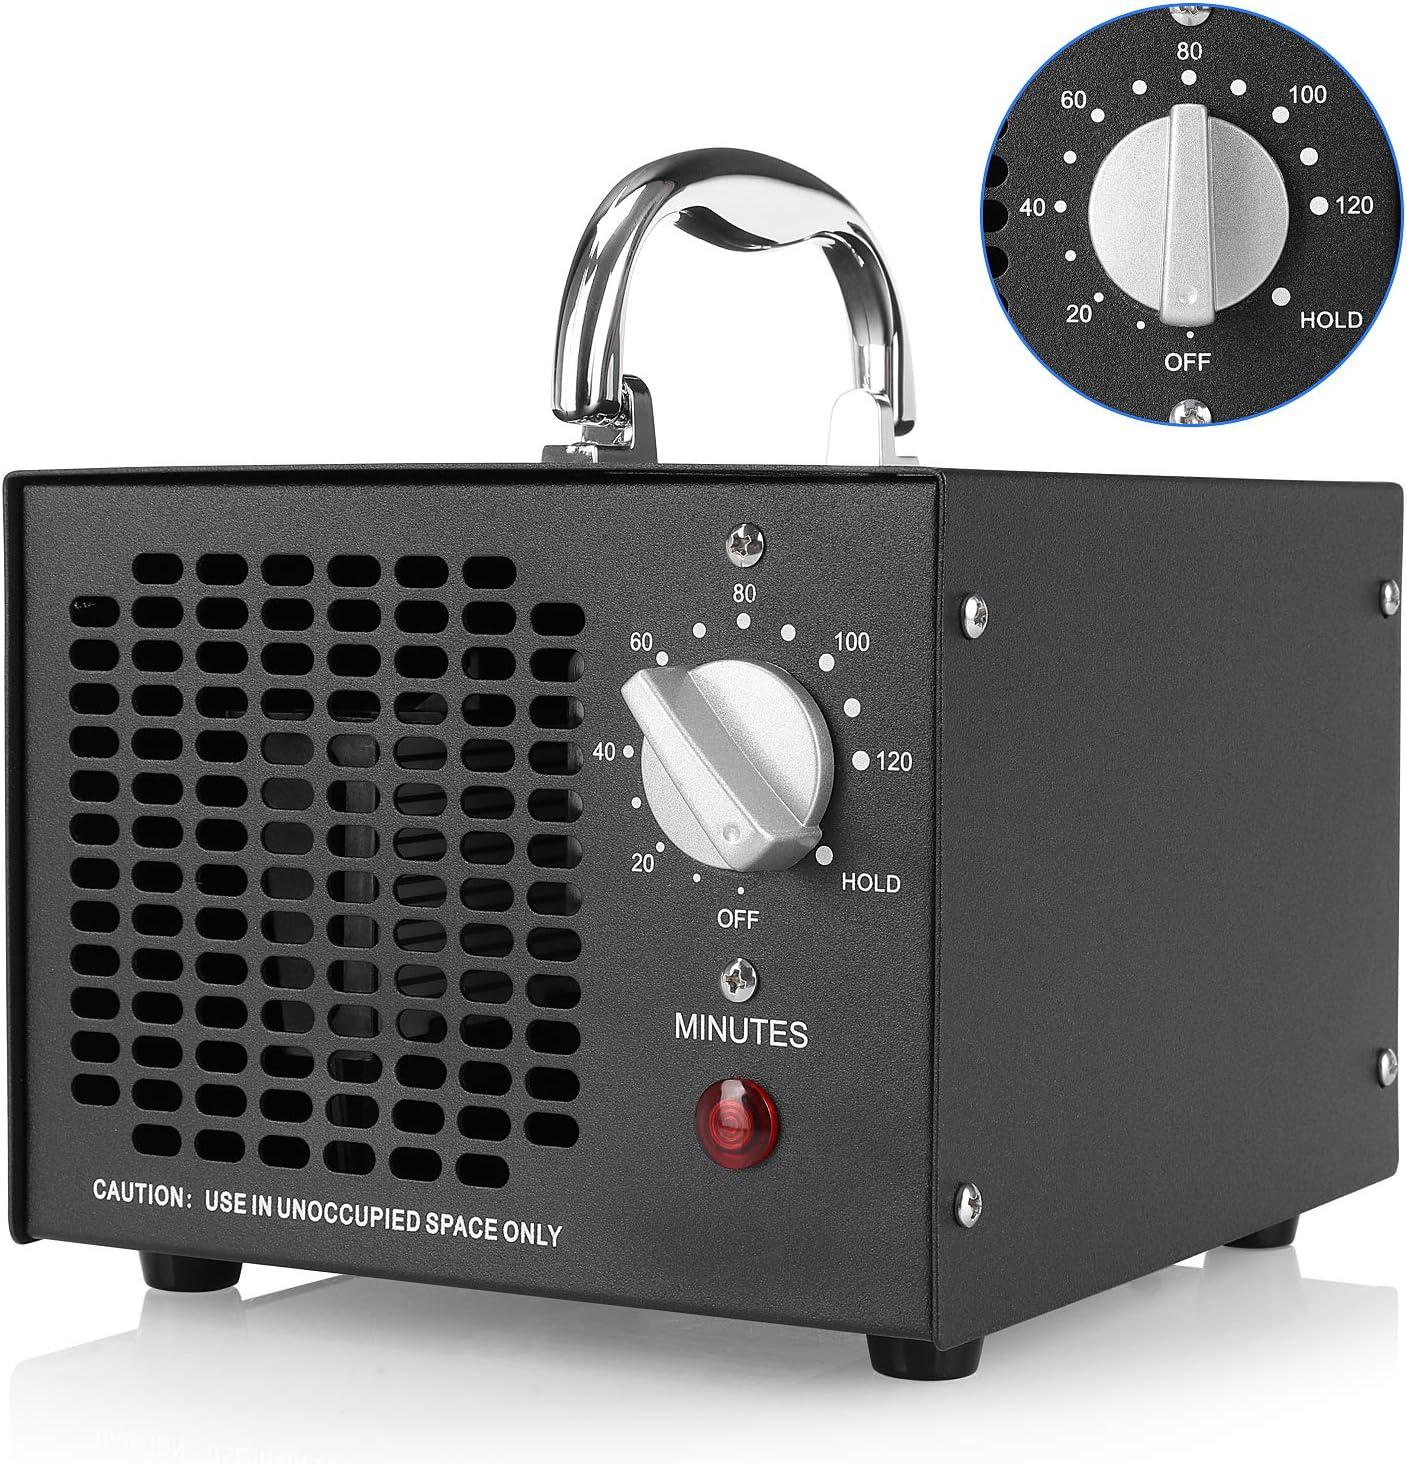 MVPower Generador de Ozono 5000mg/h,Purificador Ozono de Aire Profesional con Temporizador contra gérmenes, moho, malos olores, para habitaciones, humo, coches, oficina y mascotas, 17,4 x 18,4 x 14 cm